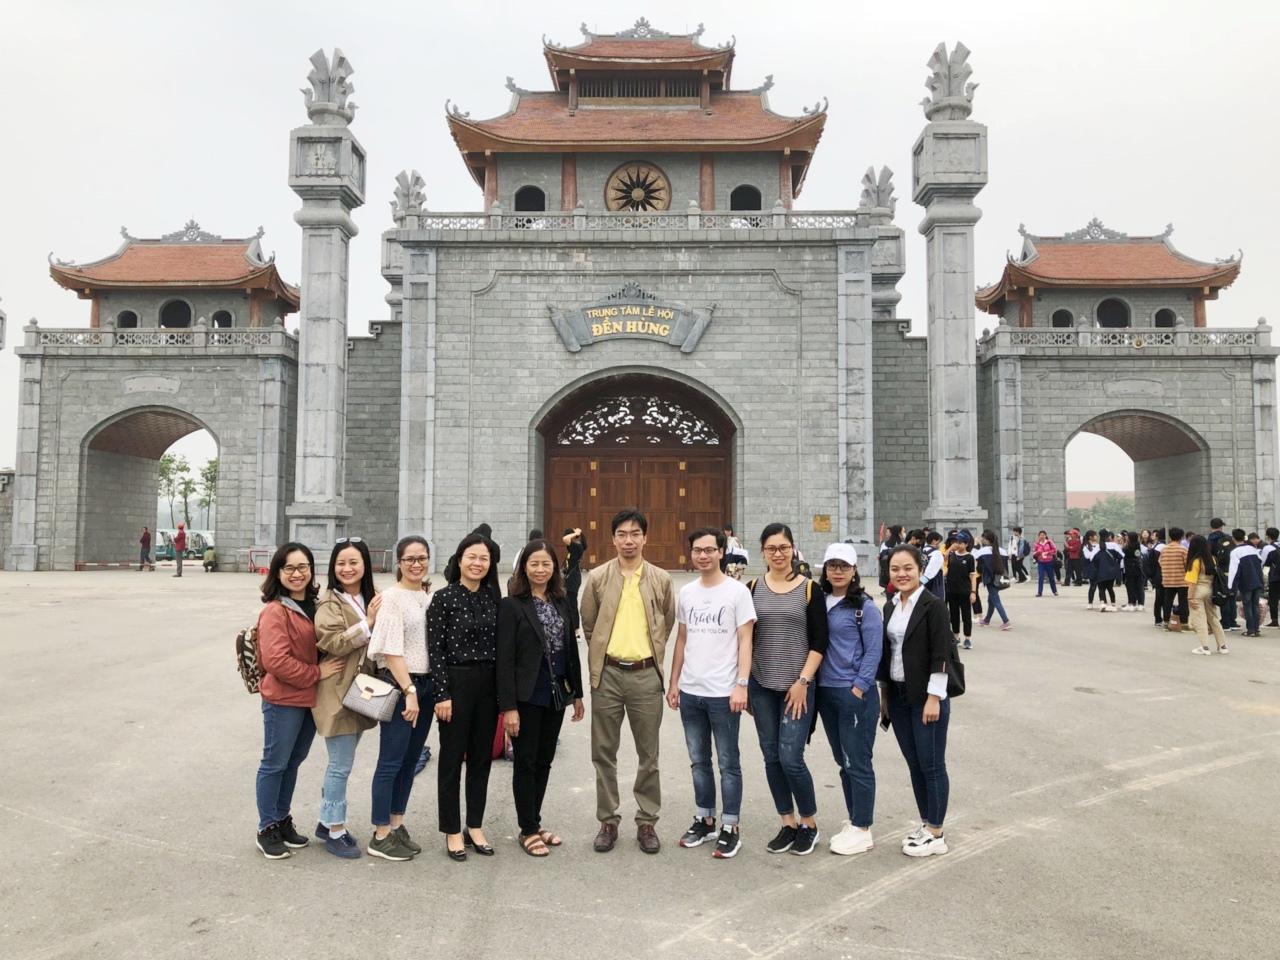 Chi bộ 2 tổ chức về nguồn tại di tích Đền Hùng, Phú Thọ